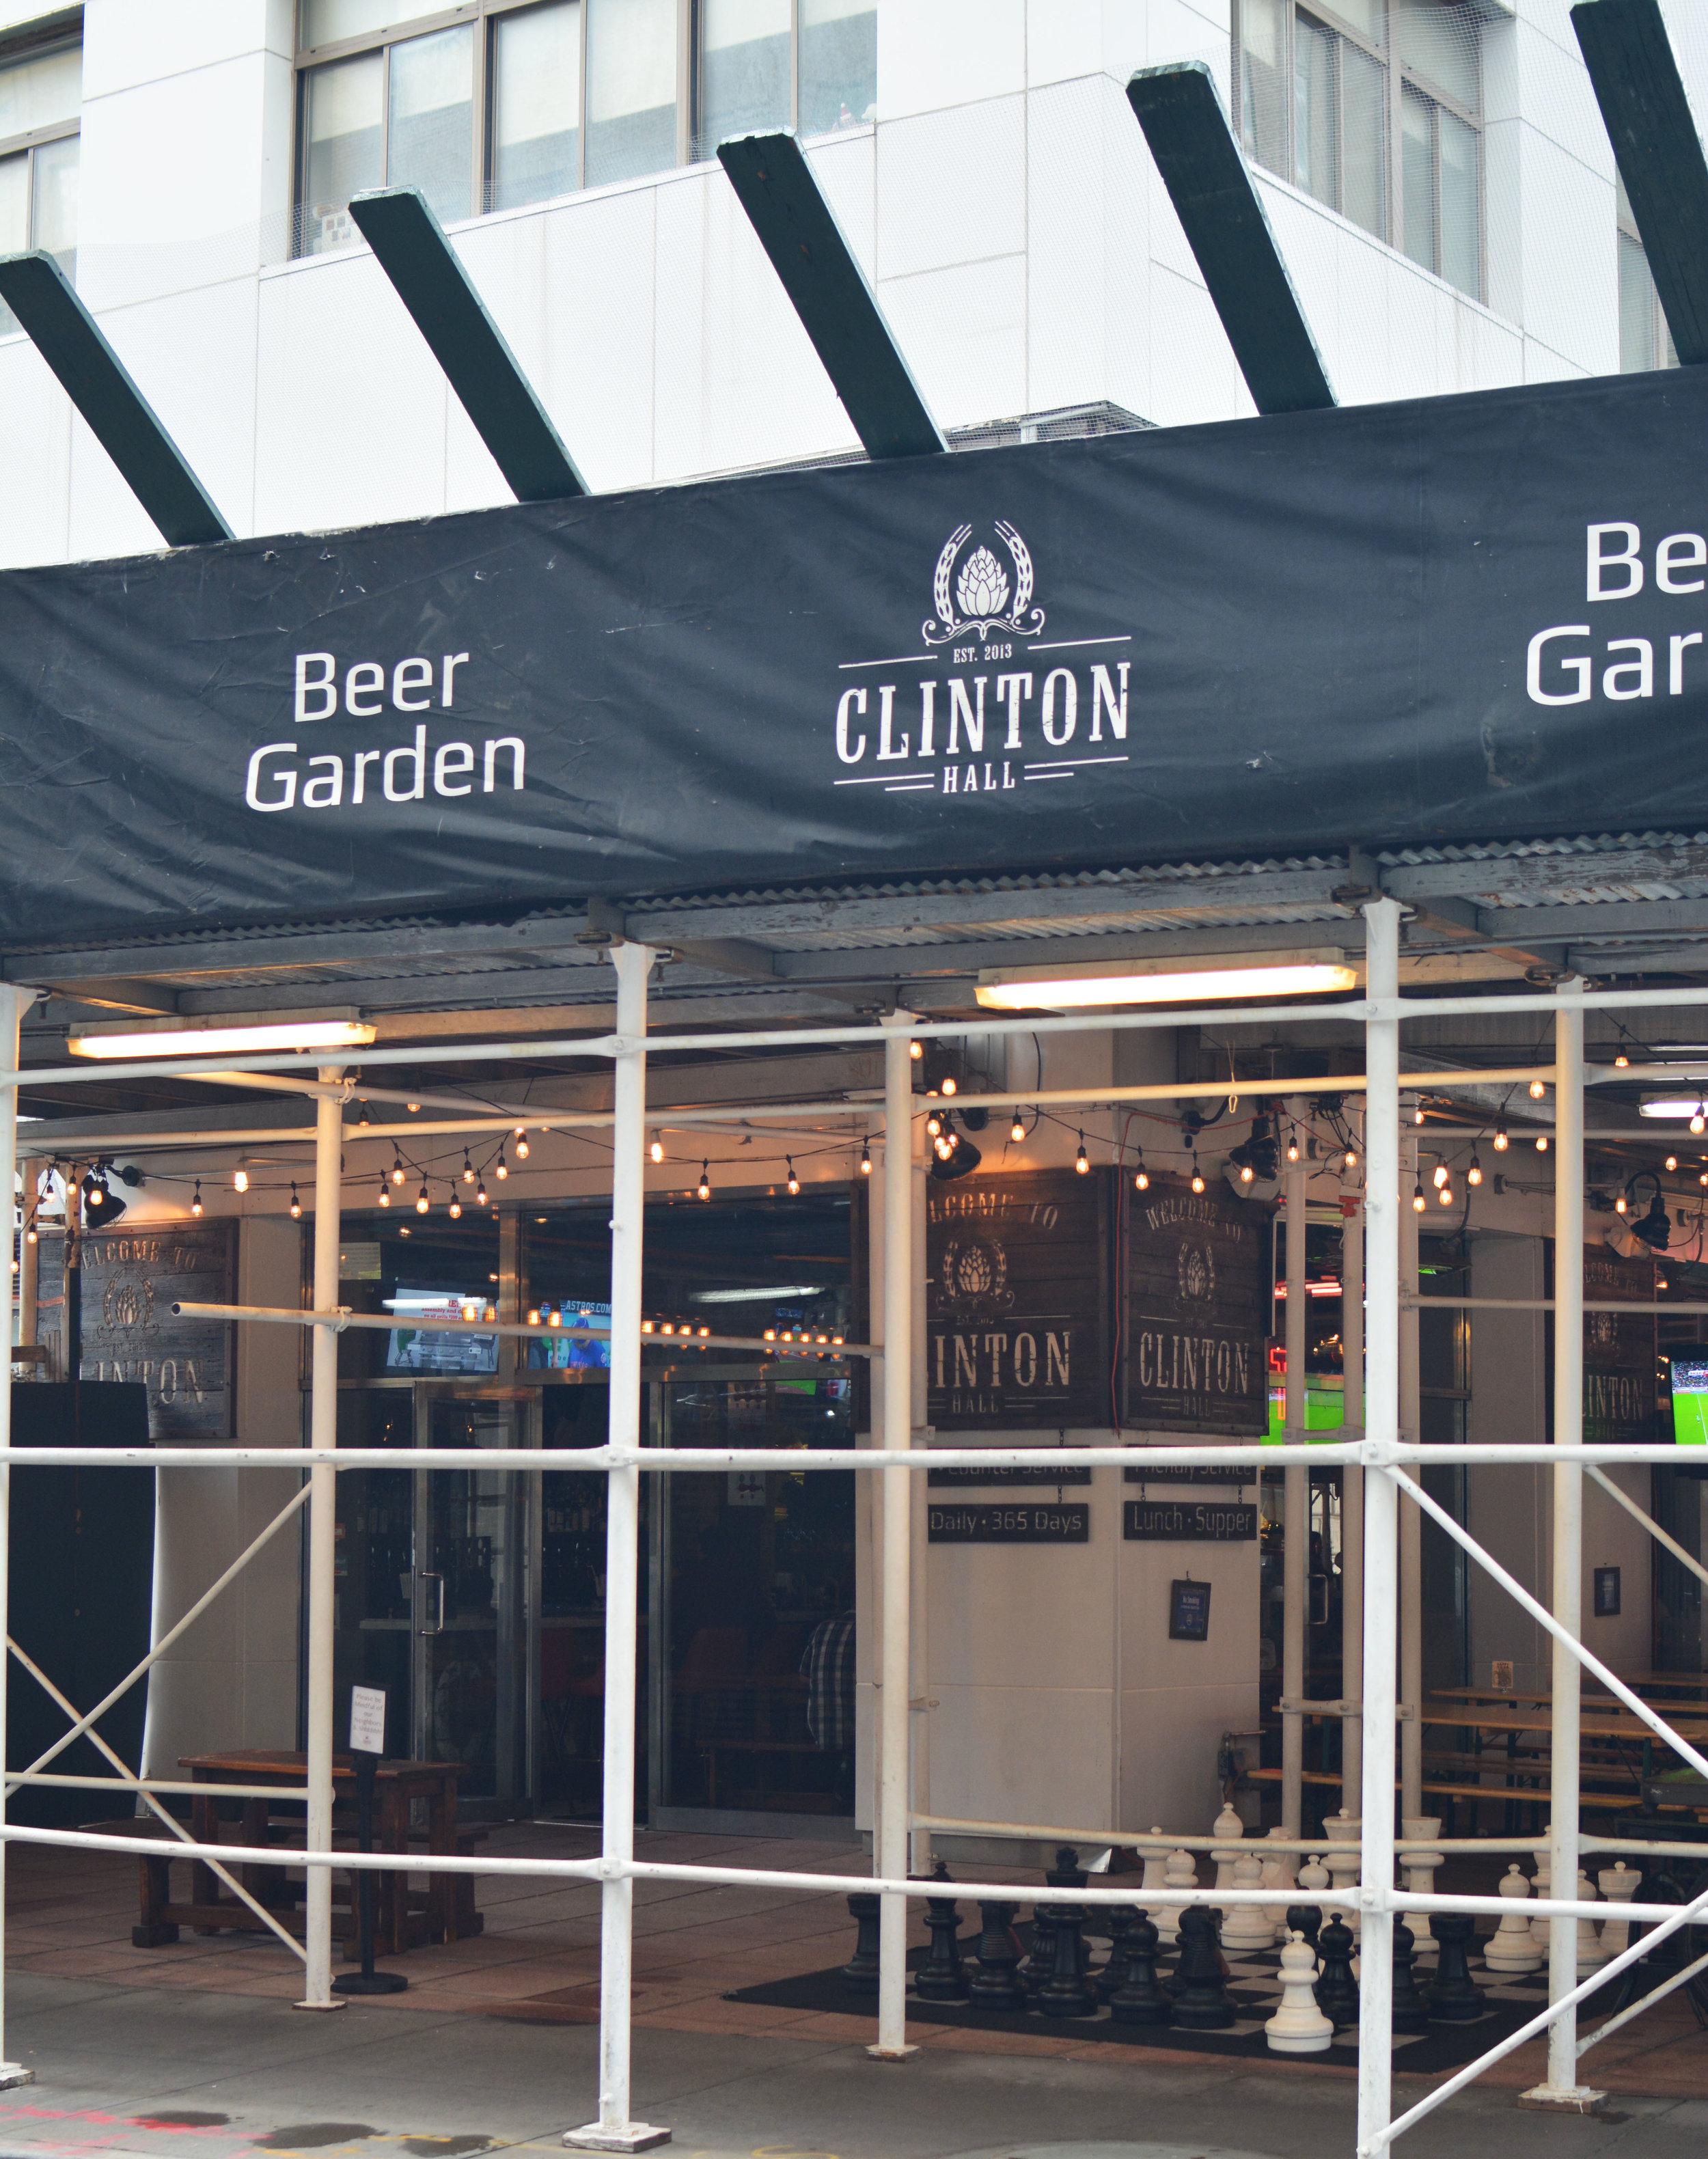 clinton-hall-fidi-nyc-beer.jpg